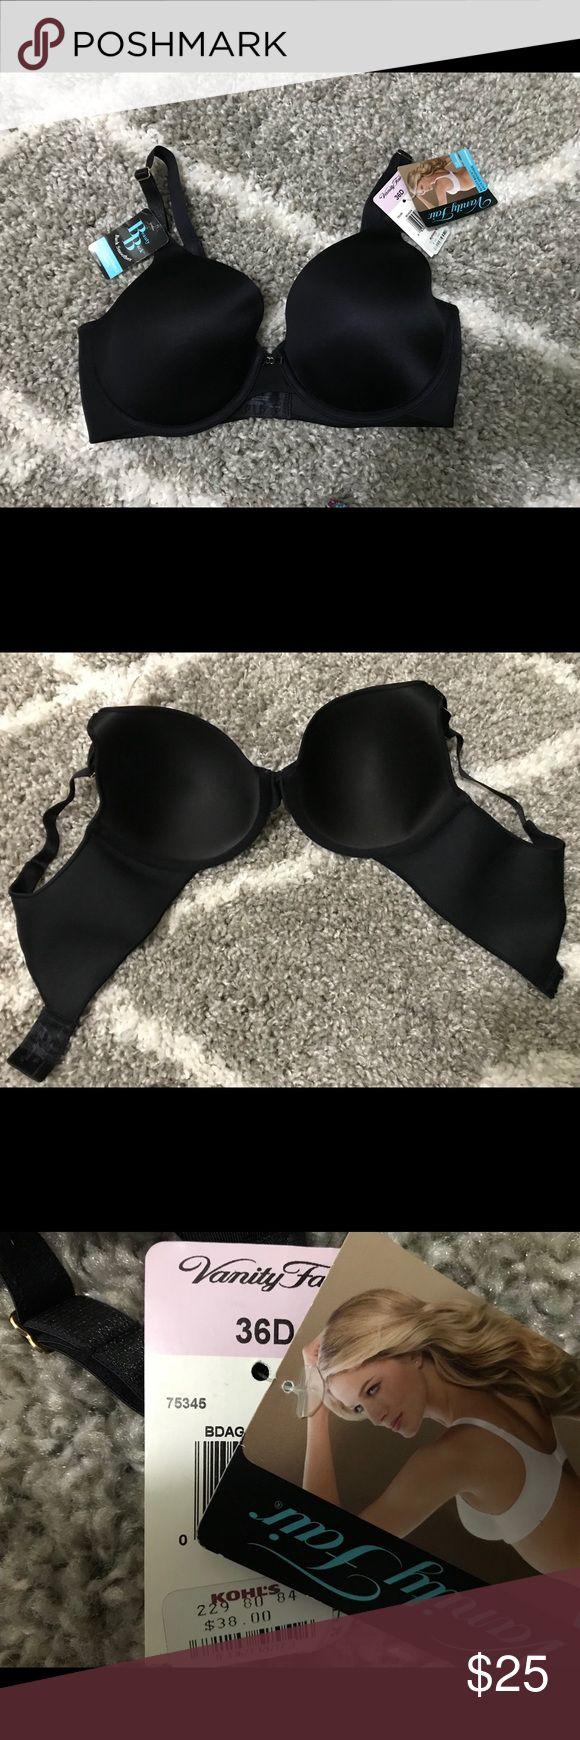 NWT Vanity Fair bar NWT black Vanity Fair bra. 36D. Wide sides to help smooth lines. Vanity Fair Intimates & Sleepwear Bras